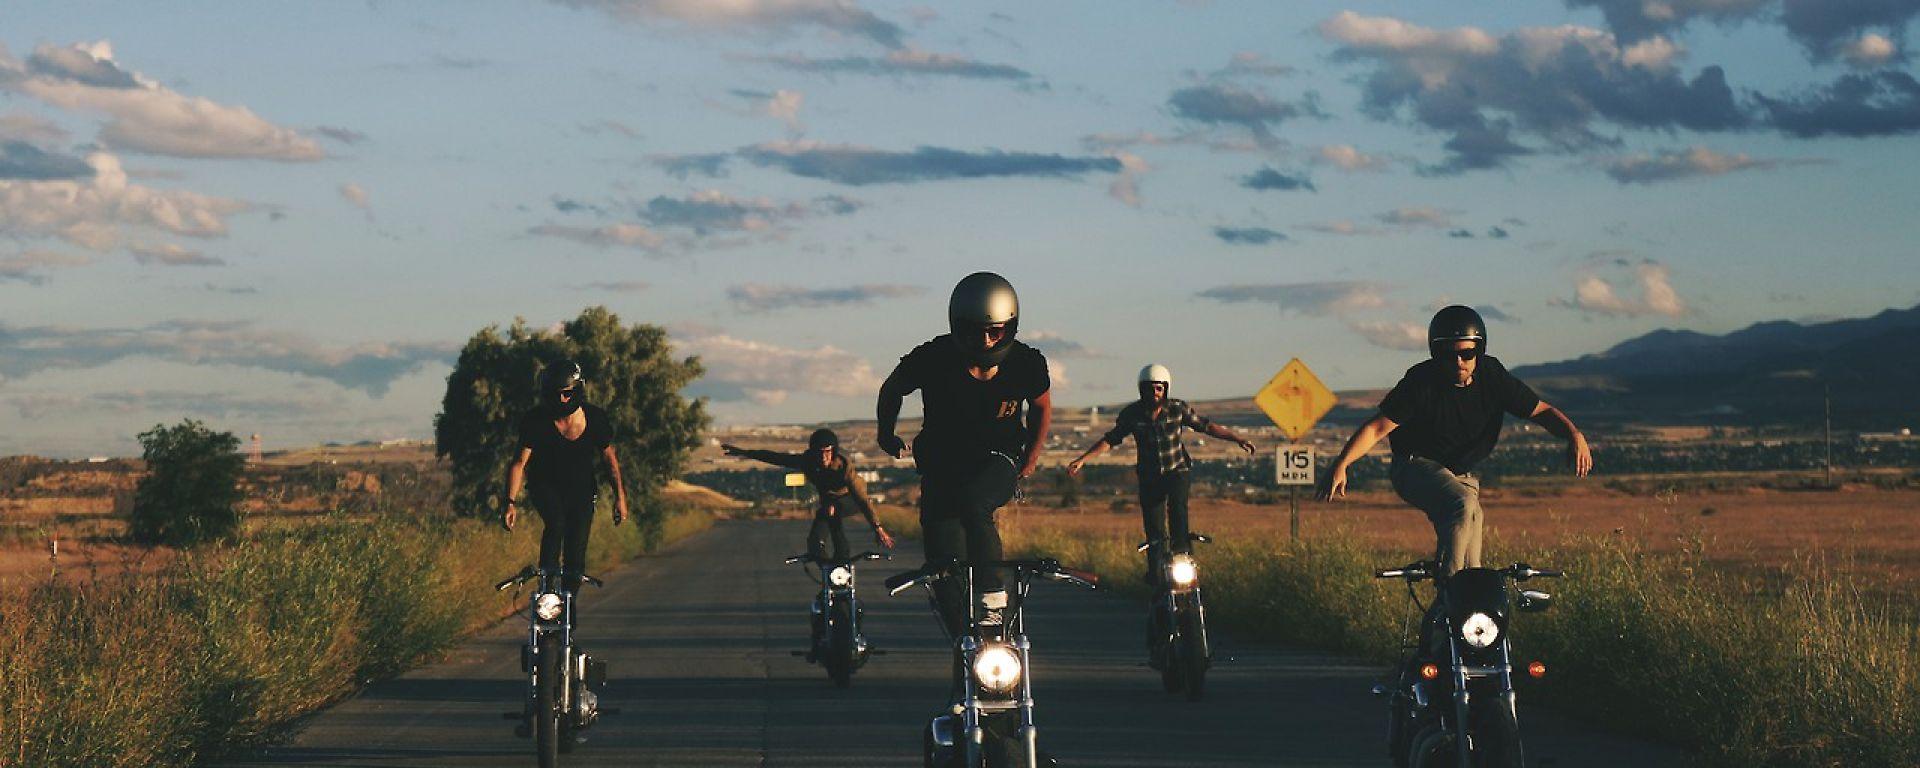 10 dettagli del motociclista hipster